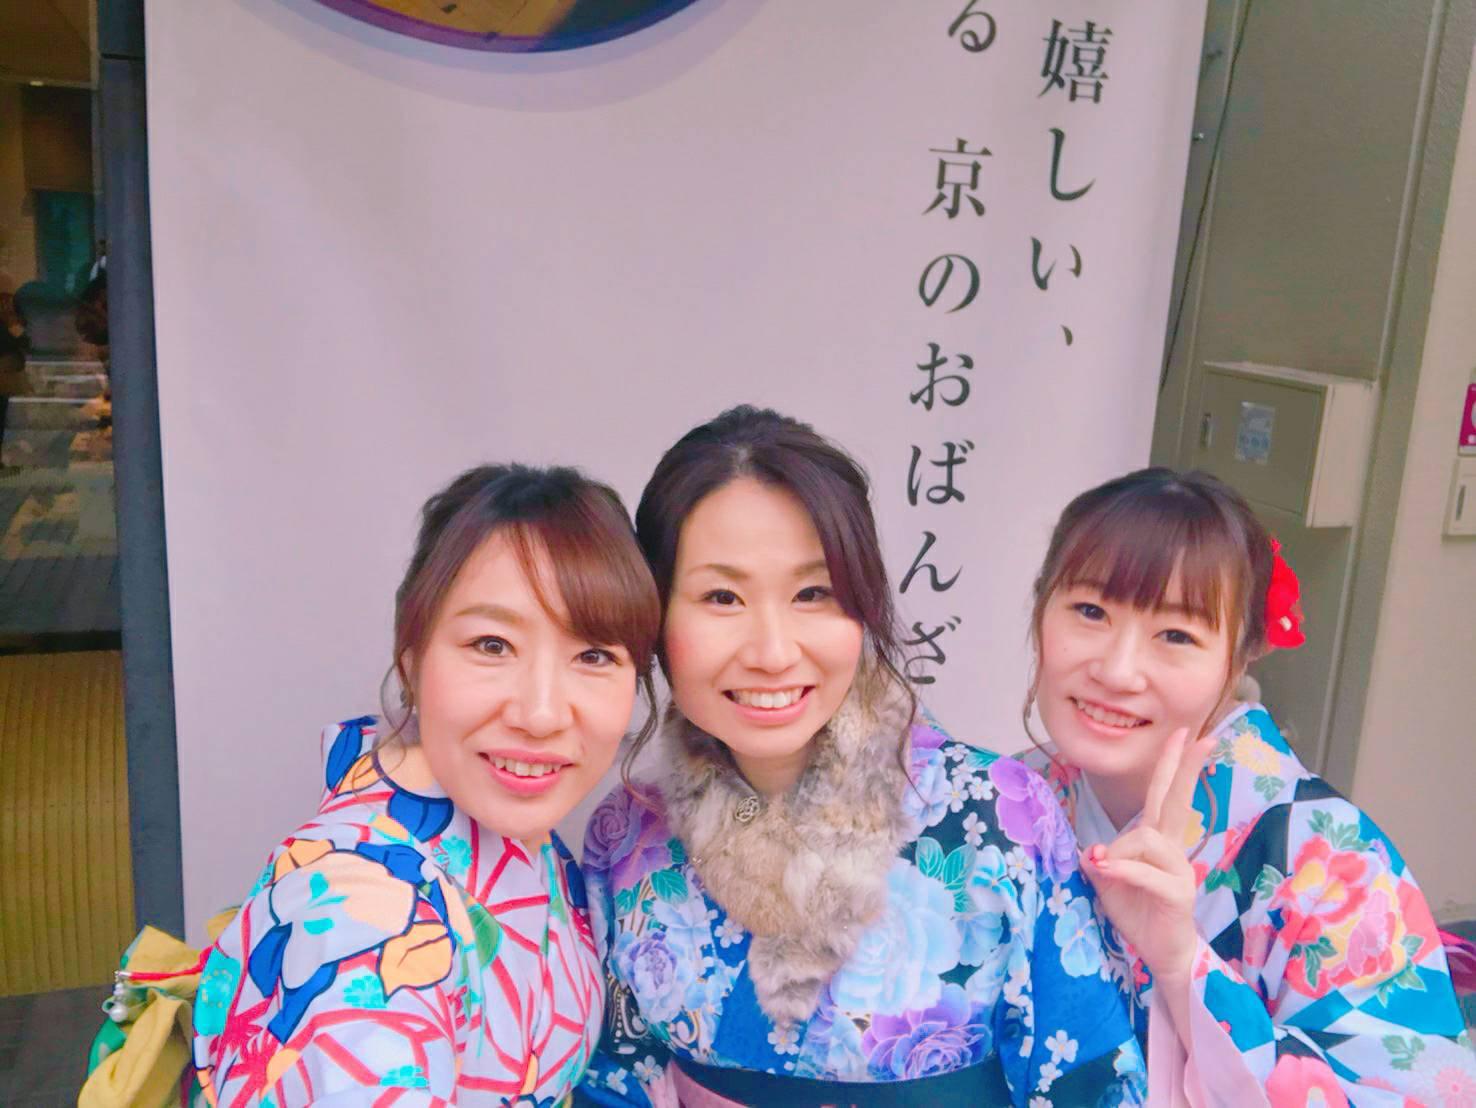 リピーター様❣人気店の「京菜味 のむら」へ2019年12月7日4